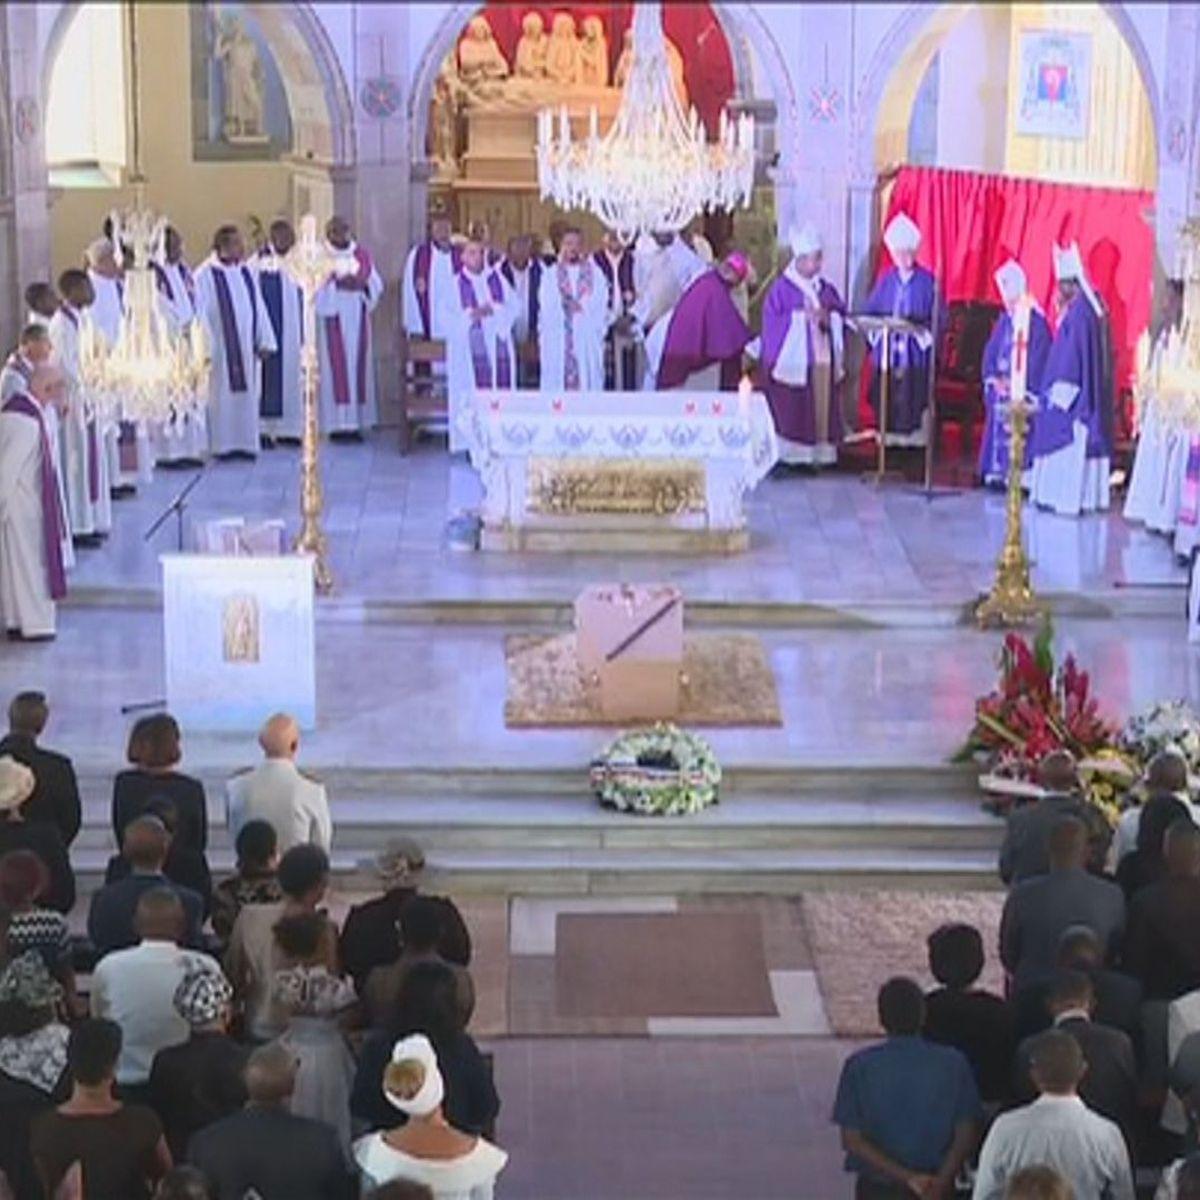 La cathédrale de Basse-Terre dernière demeure de Mgr Ernest Cabo